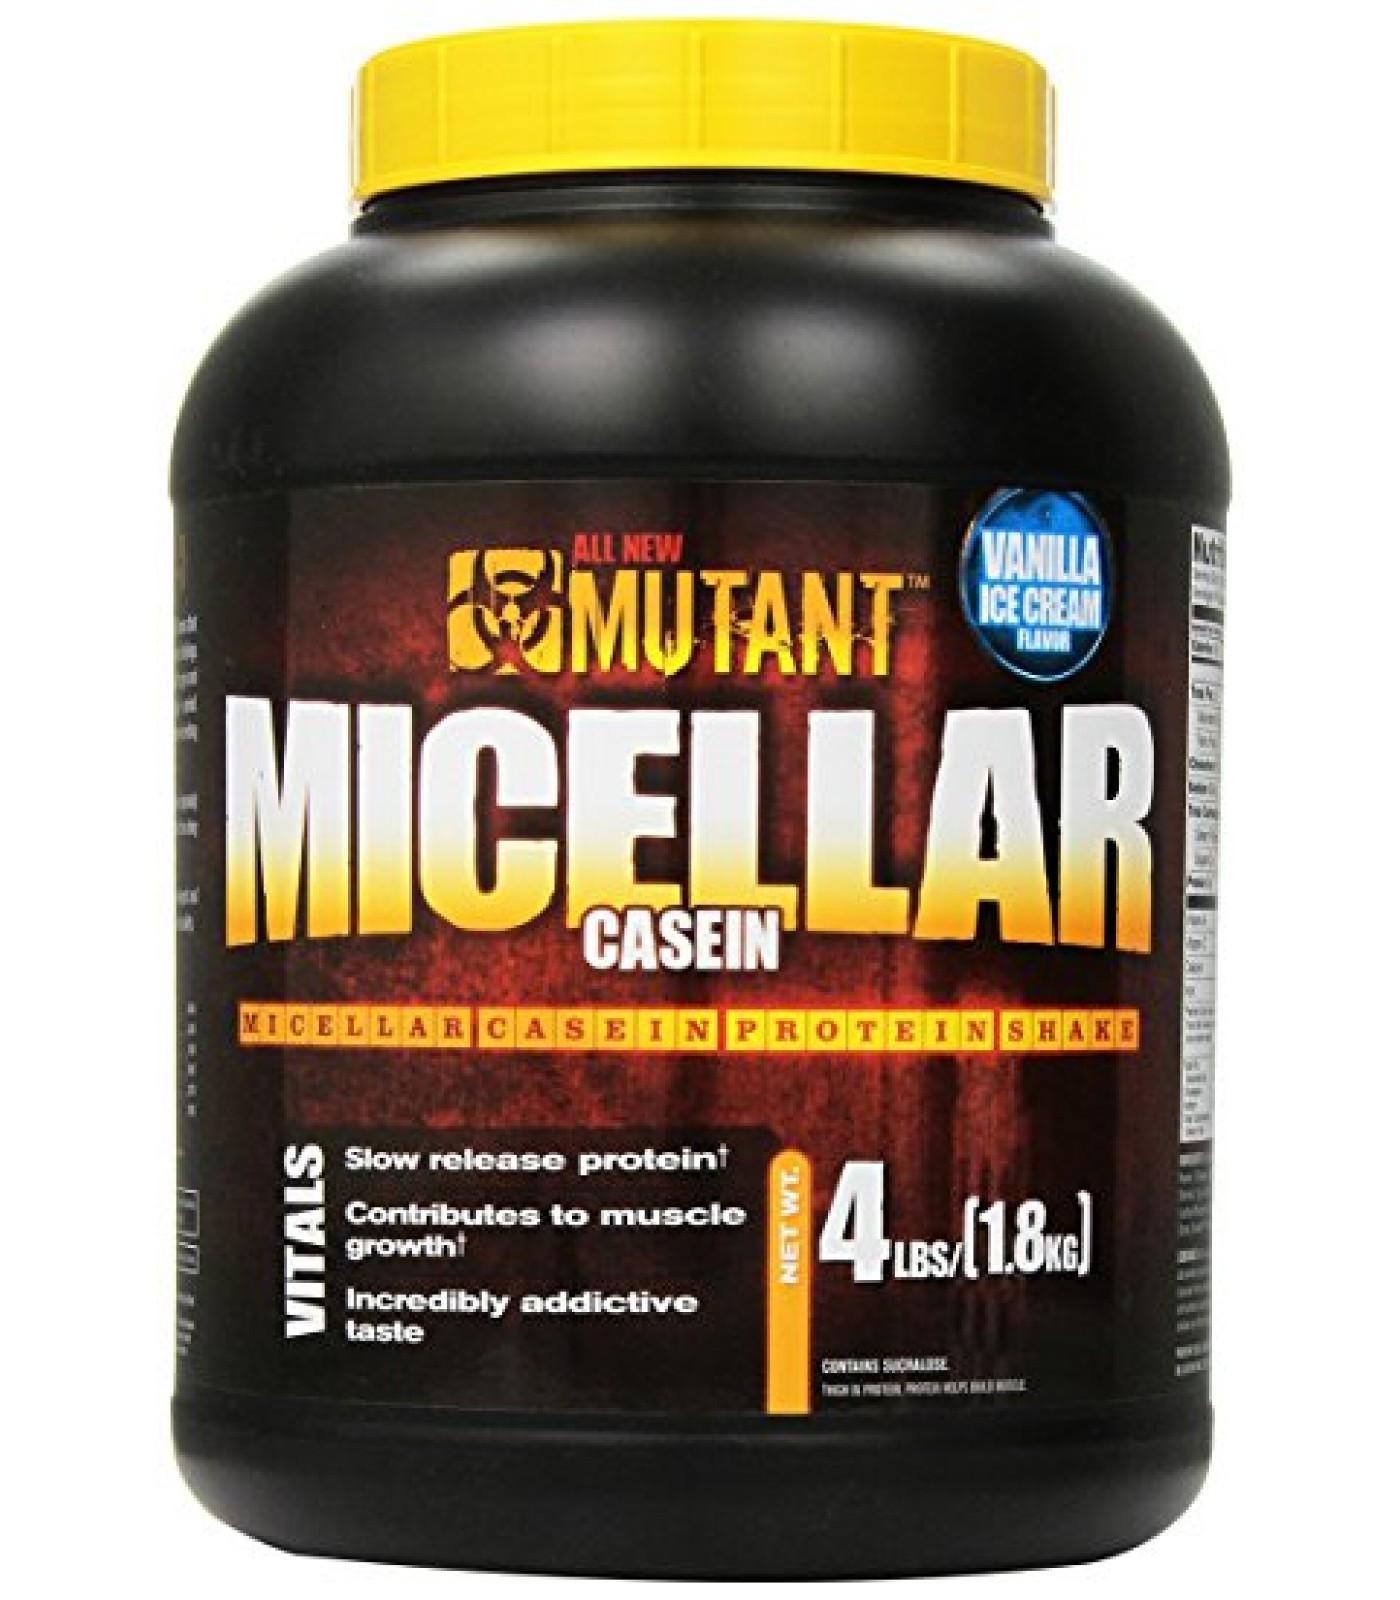 Mutant - Micellar CASEIN 1.8 кг.